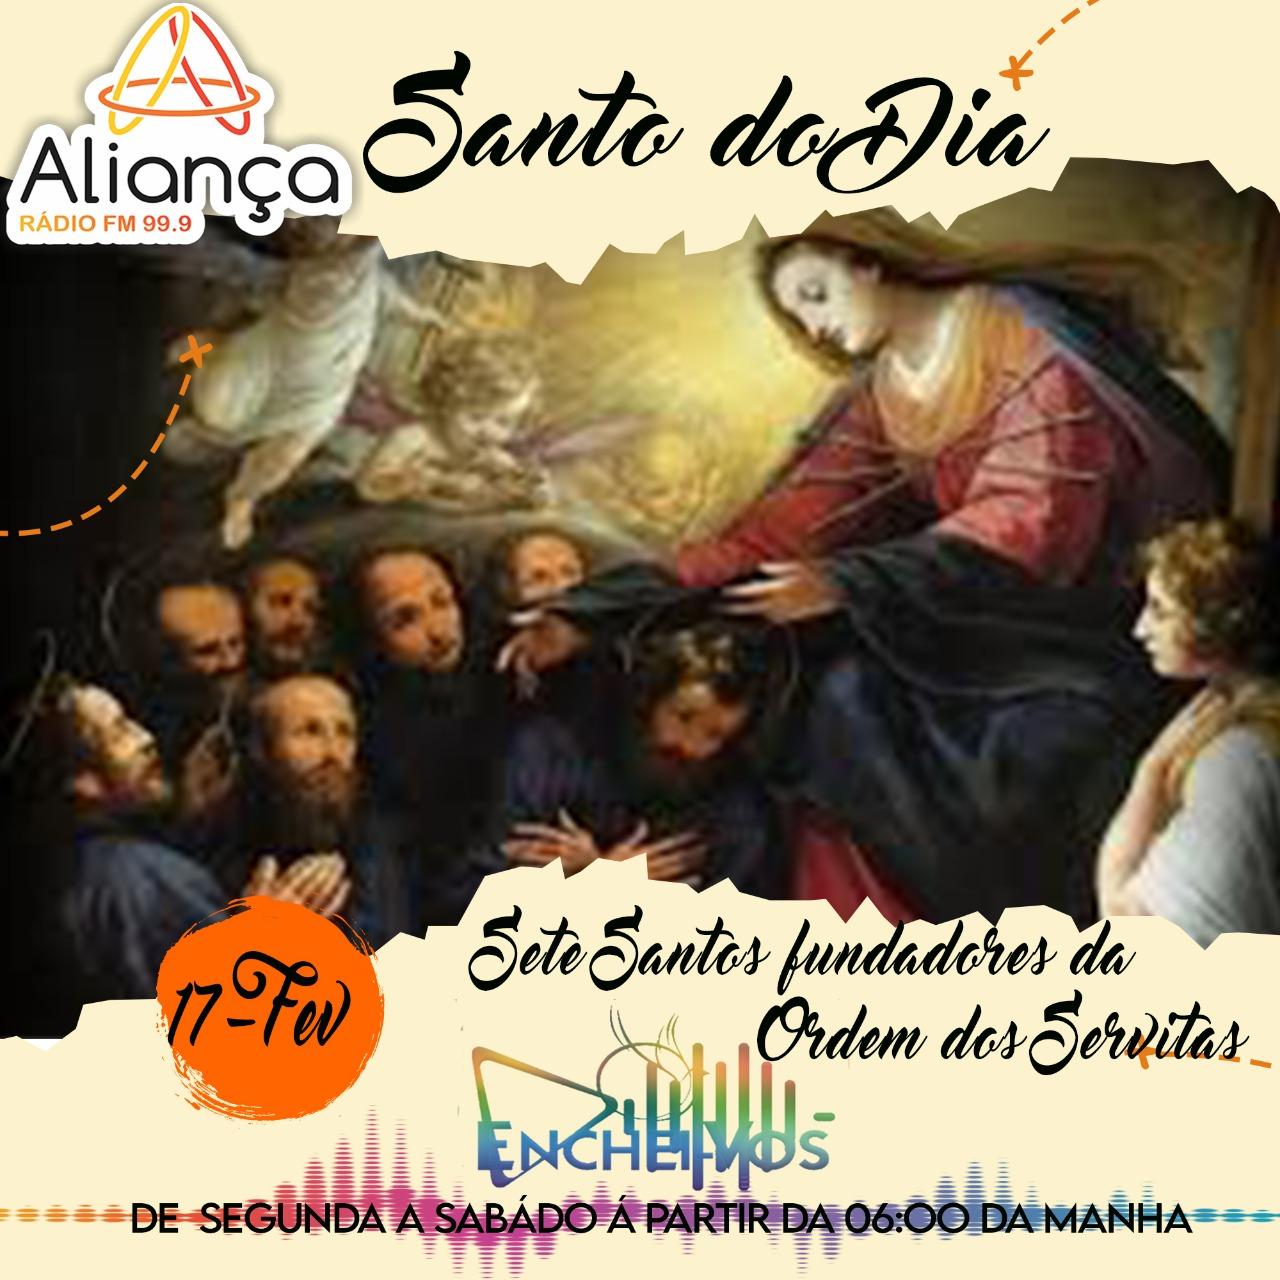 Santo do Dia de hoje (17): Sete Santos fundadores da Ordem dos Servitas